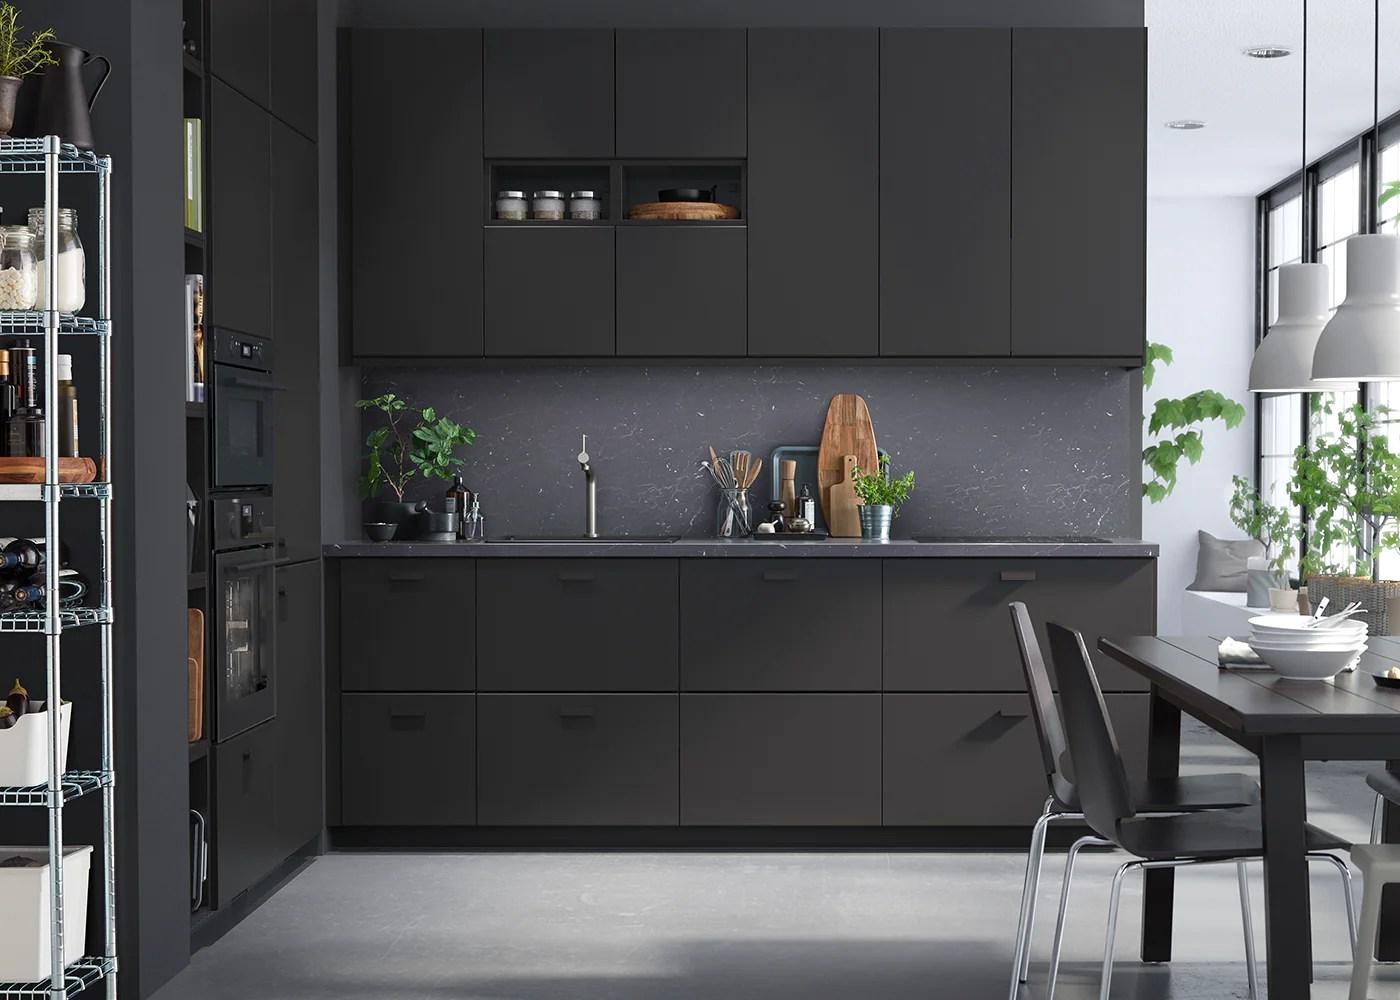 Ikea Küchen Abbauen | Küche: Inspirationen Für Dein ...